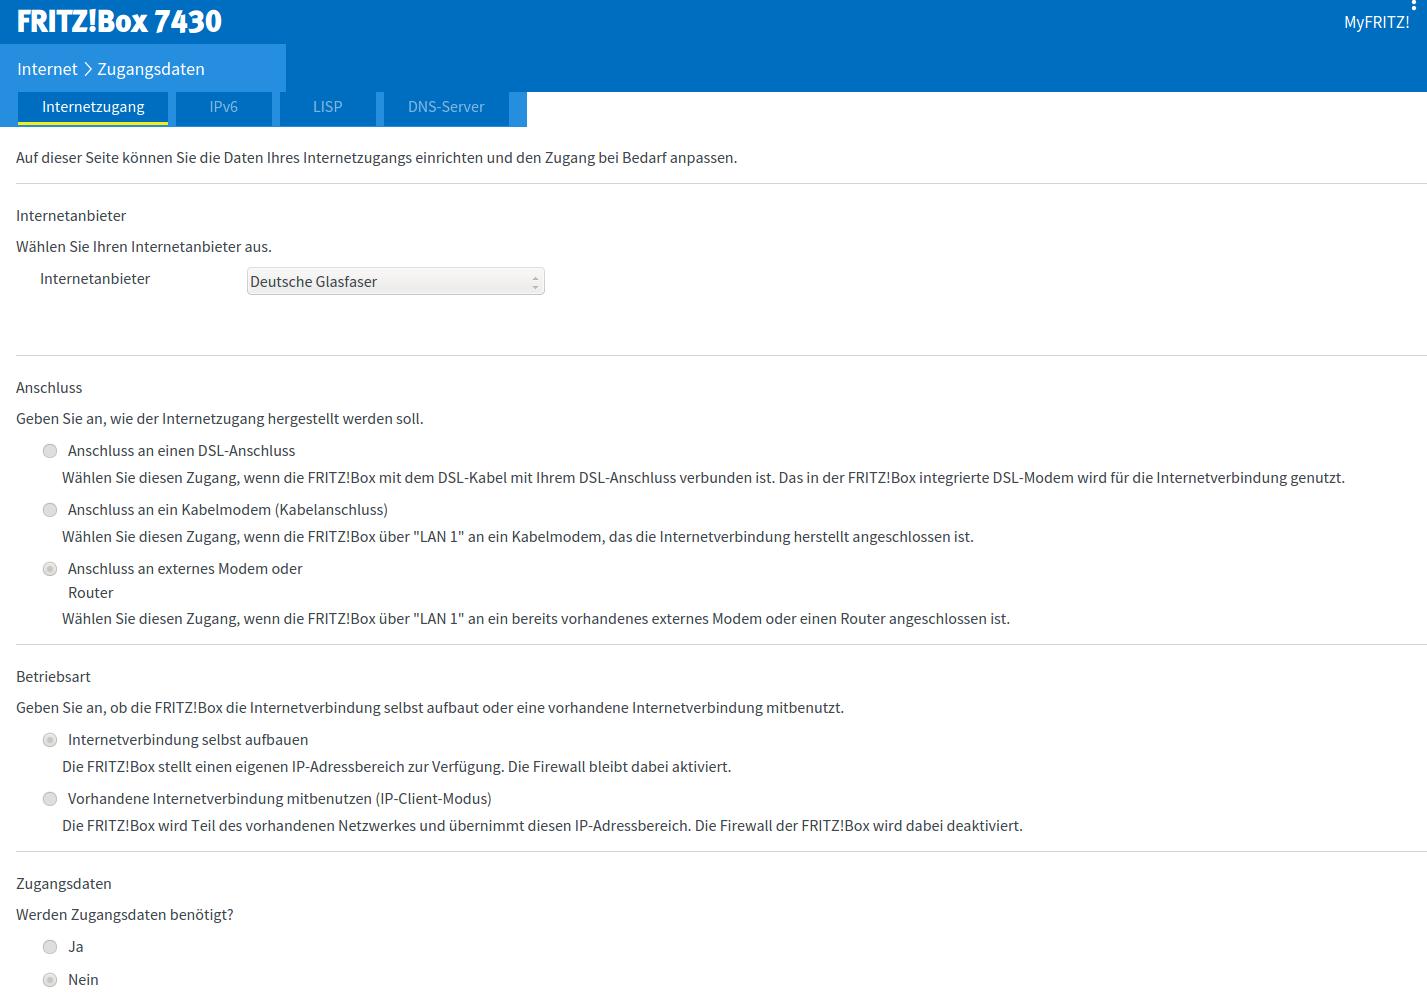 Fritzbox 10 an Glasfaseranschluss (DG) nutzen  ComputerBase Forum